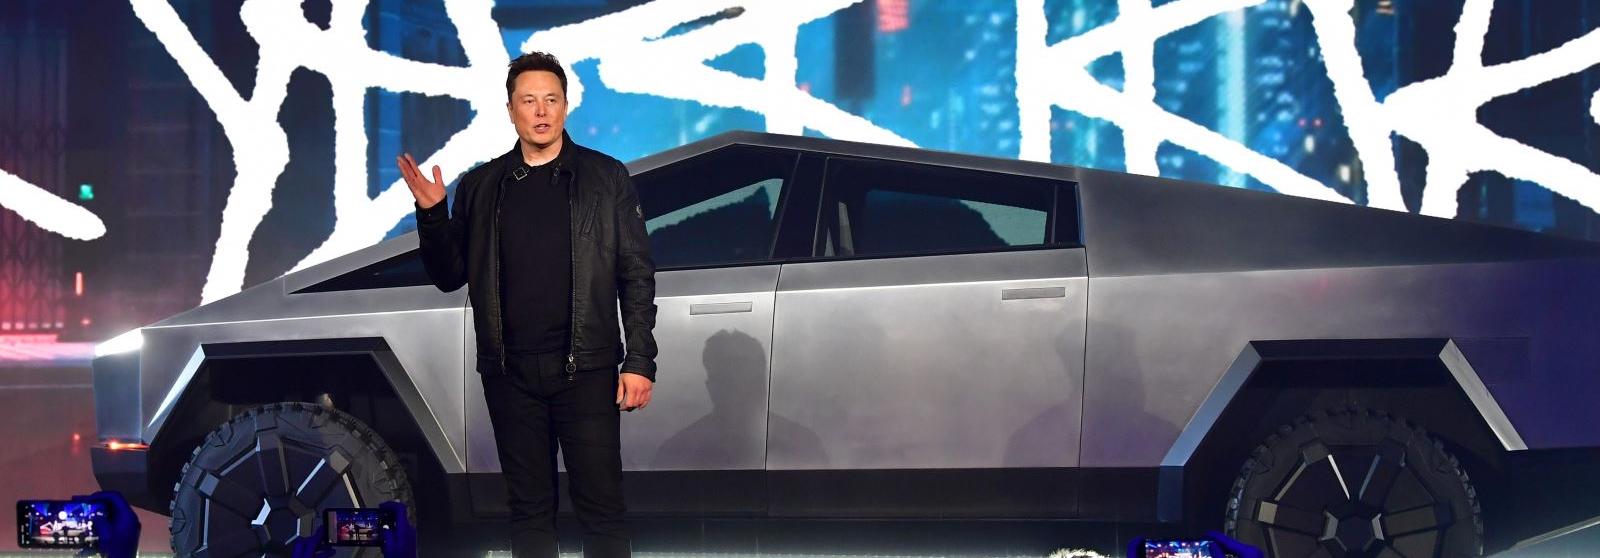 Những CEO giàu nhất thế giới đi xe gì?